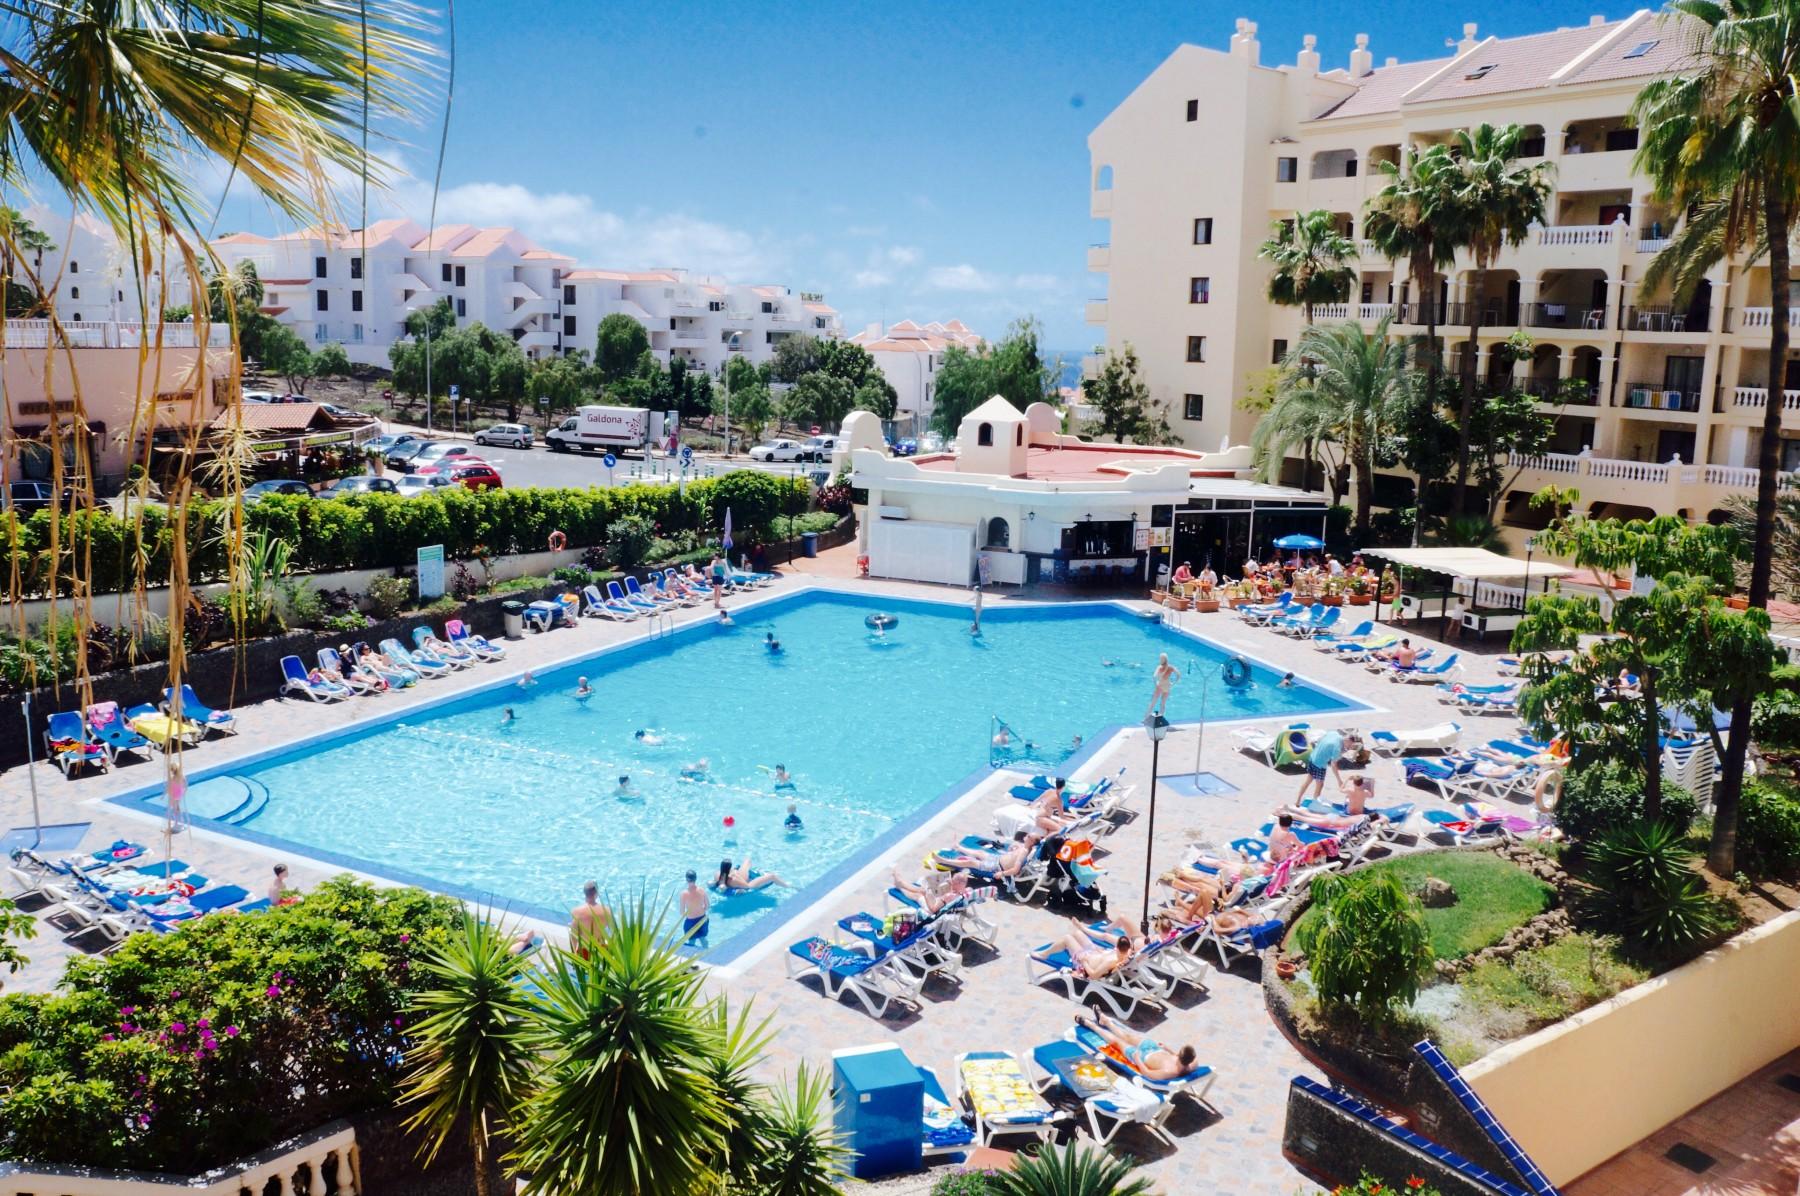 Aparhotel in Los Cristianos CASTLE HARBOUR Soleado con piscina